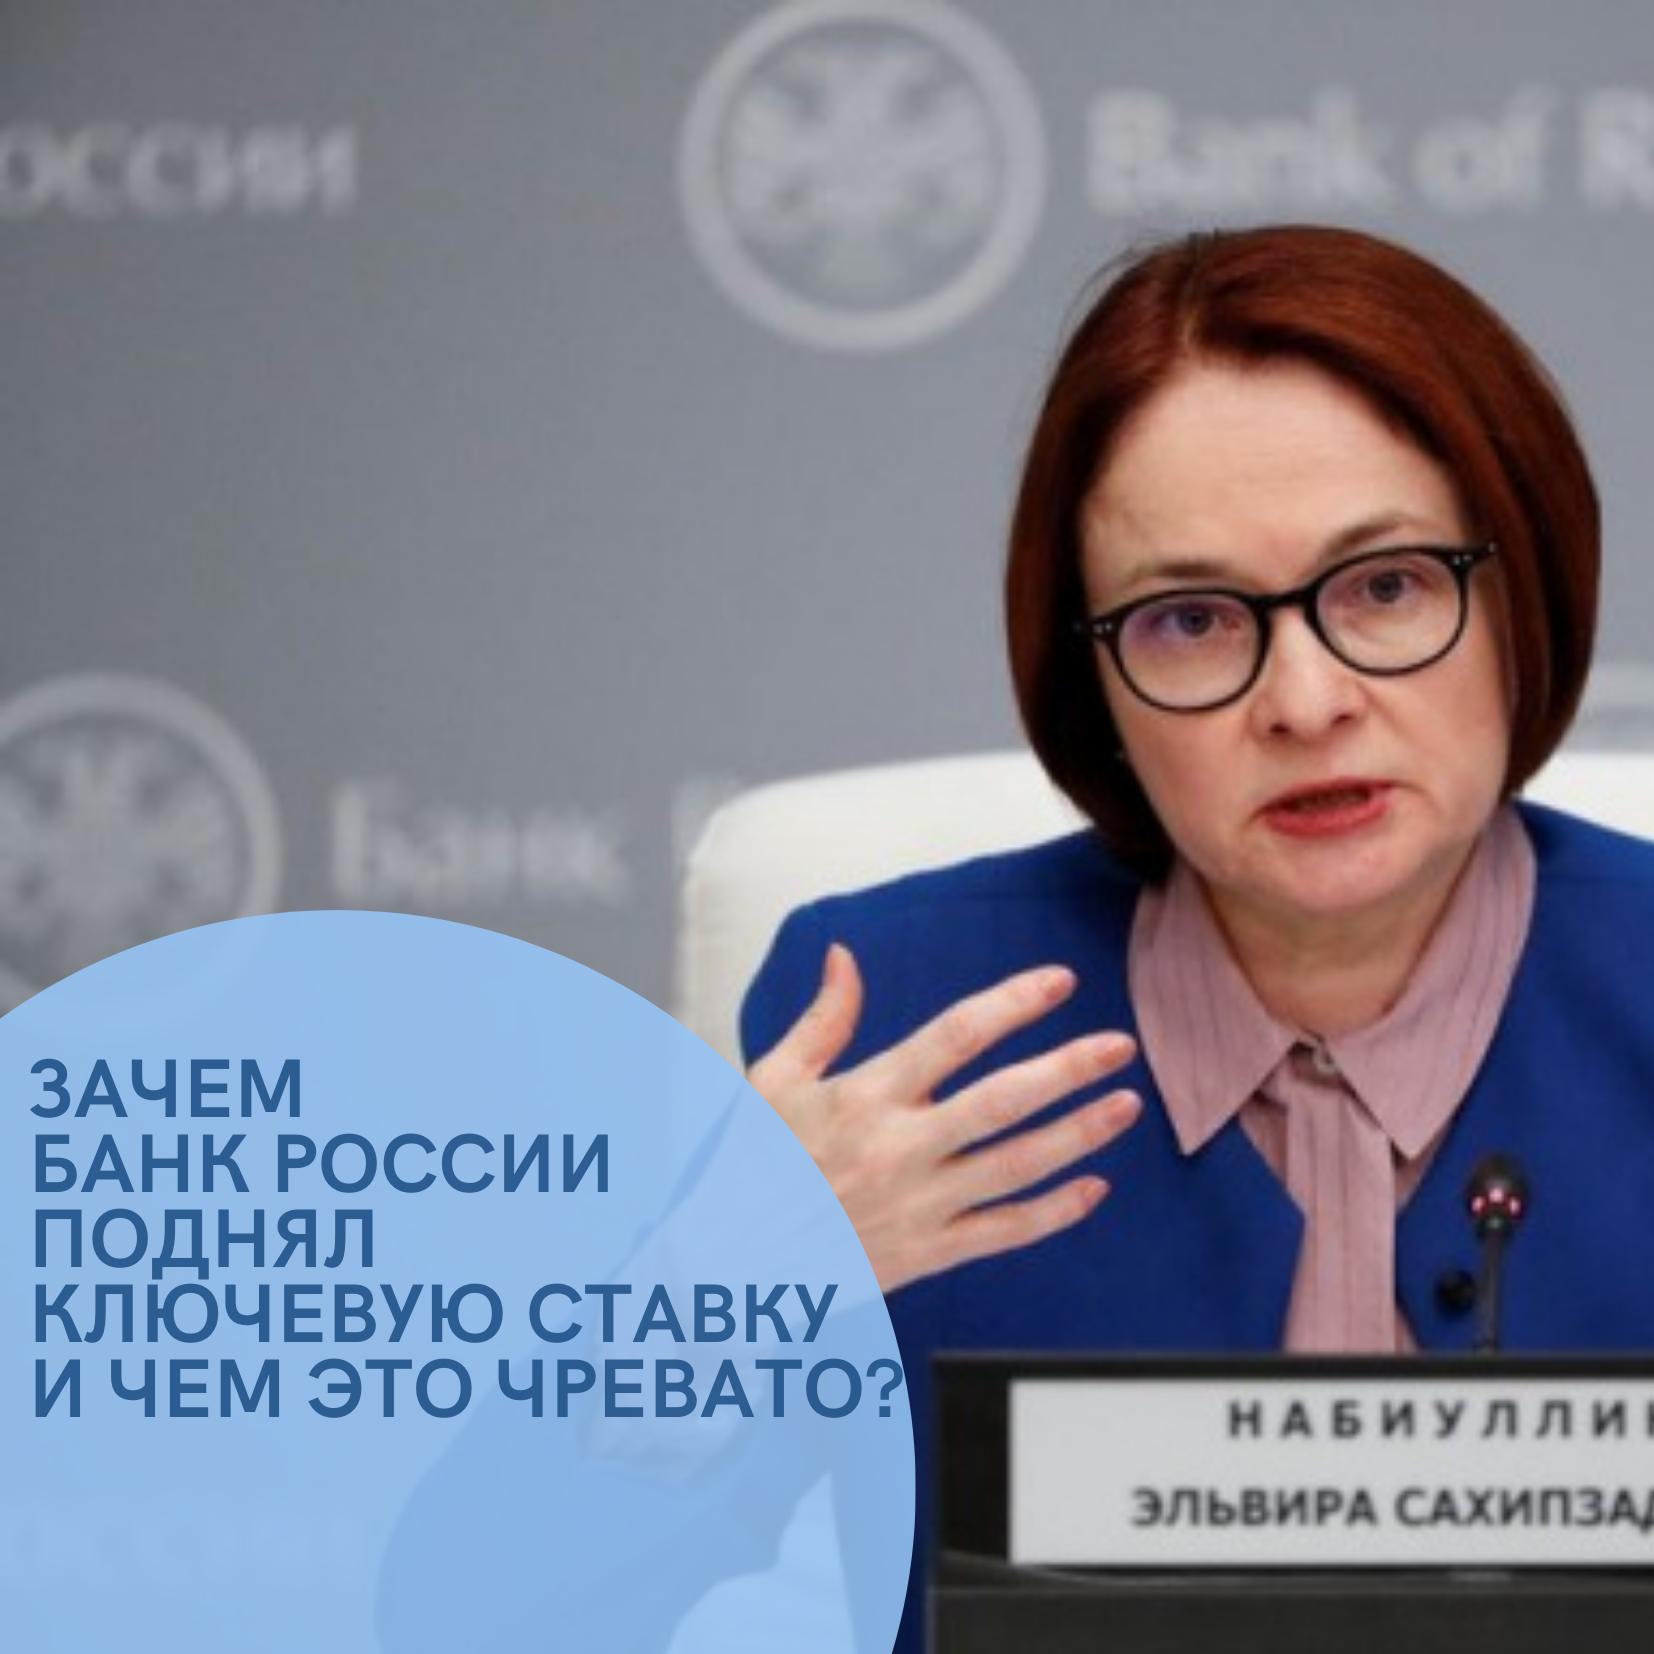 Зачем Банк России  поднял ключевую ставку и чем это чревато?